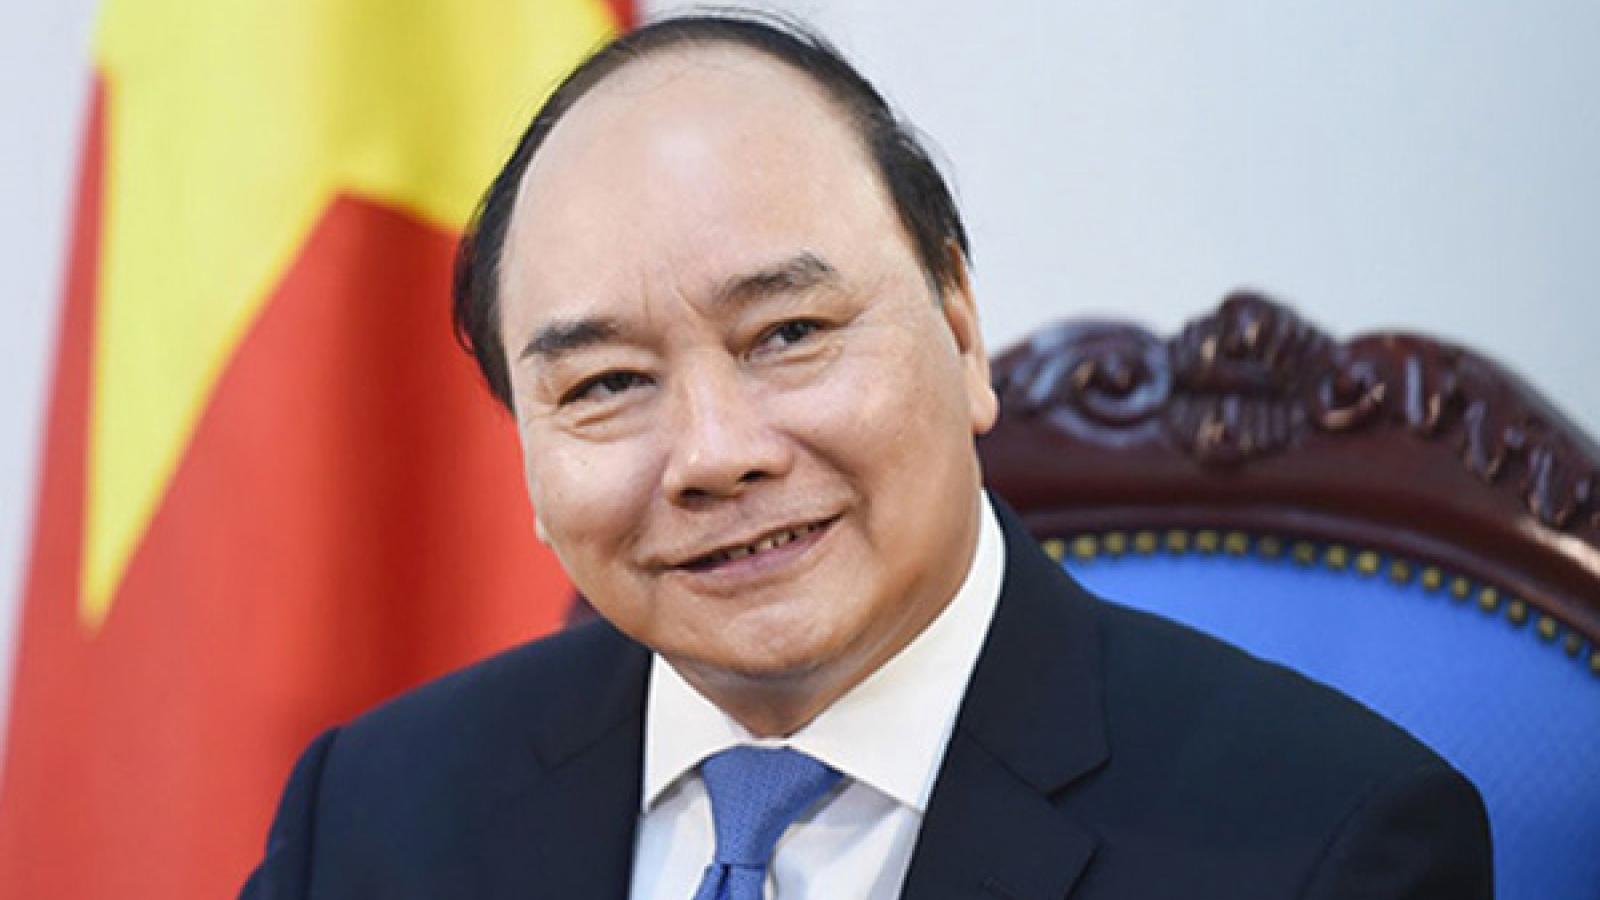 Quốc hội tiến hành quy trình miễn nhiệm Thủ tướng Nguyễn Xuân Phúc